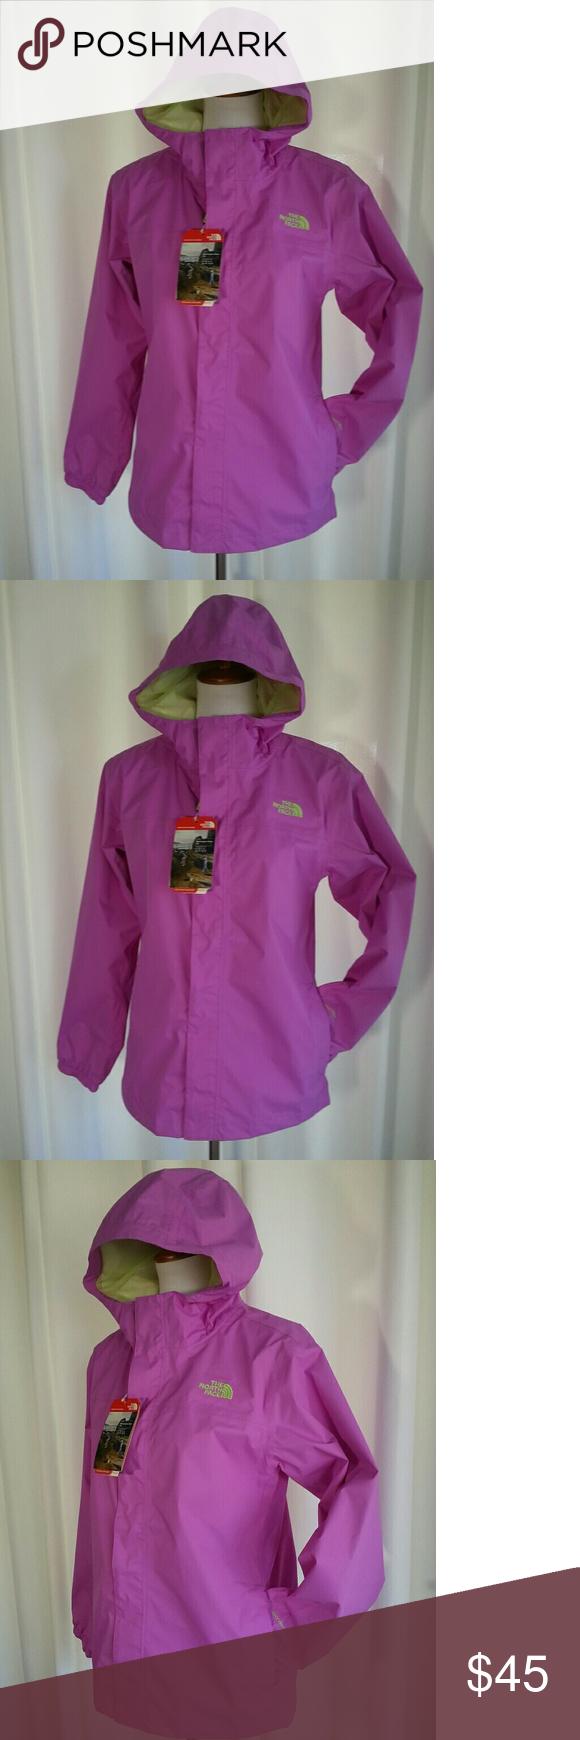 53af00325867 The North Face Zipline Rain Jacket Girls XL NWT Girls youth size XL ...